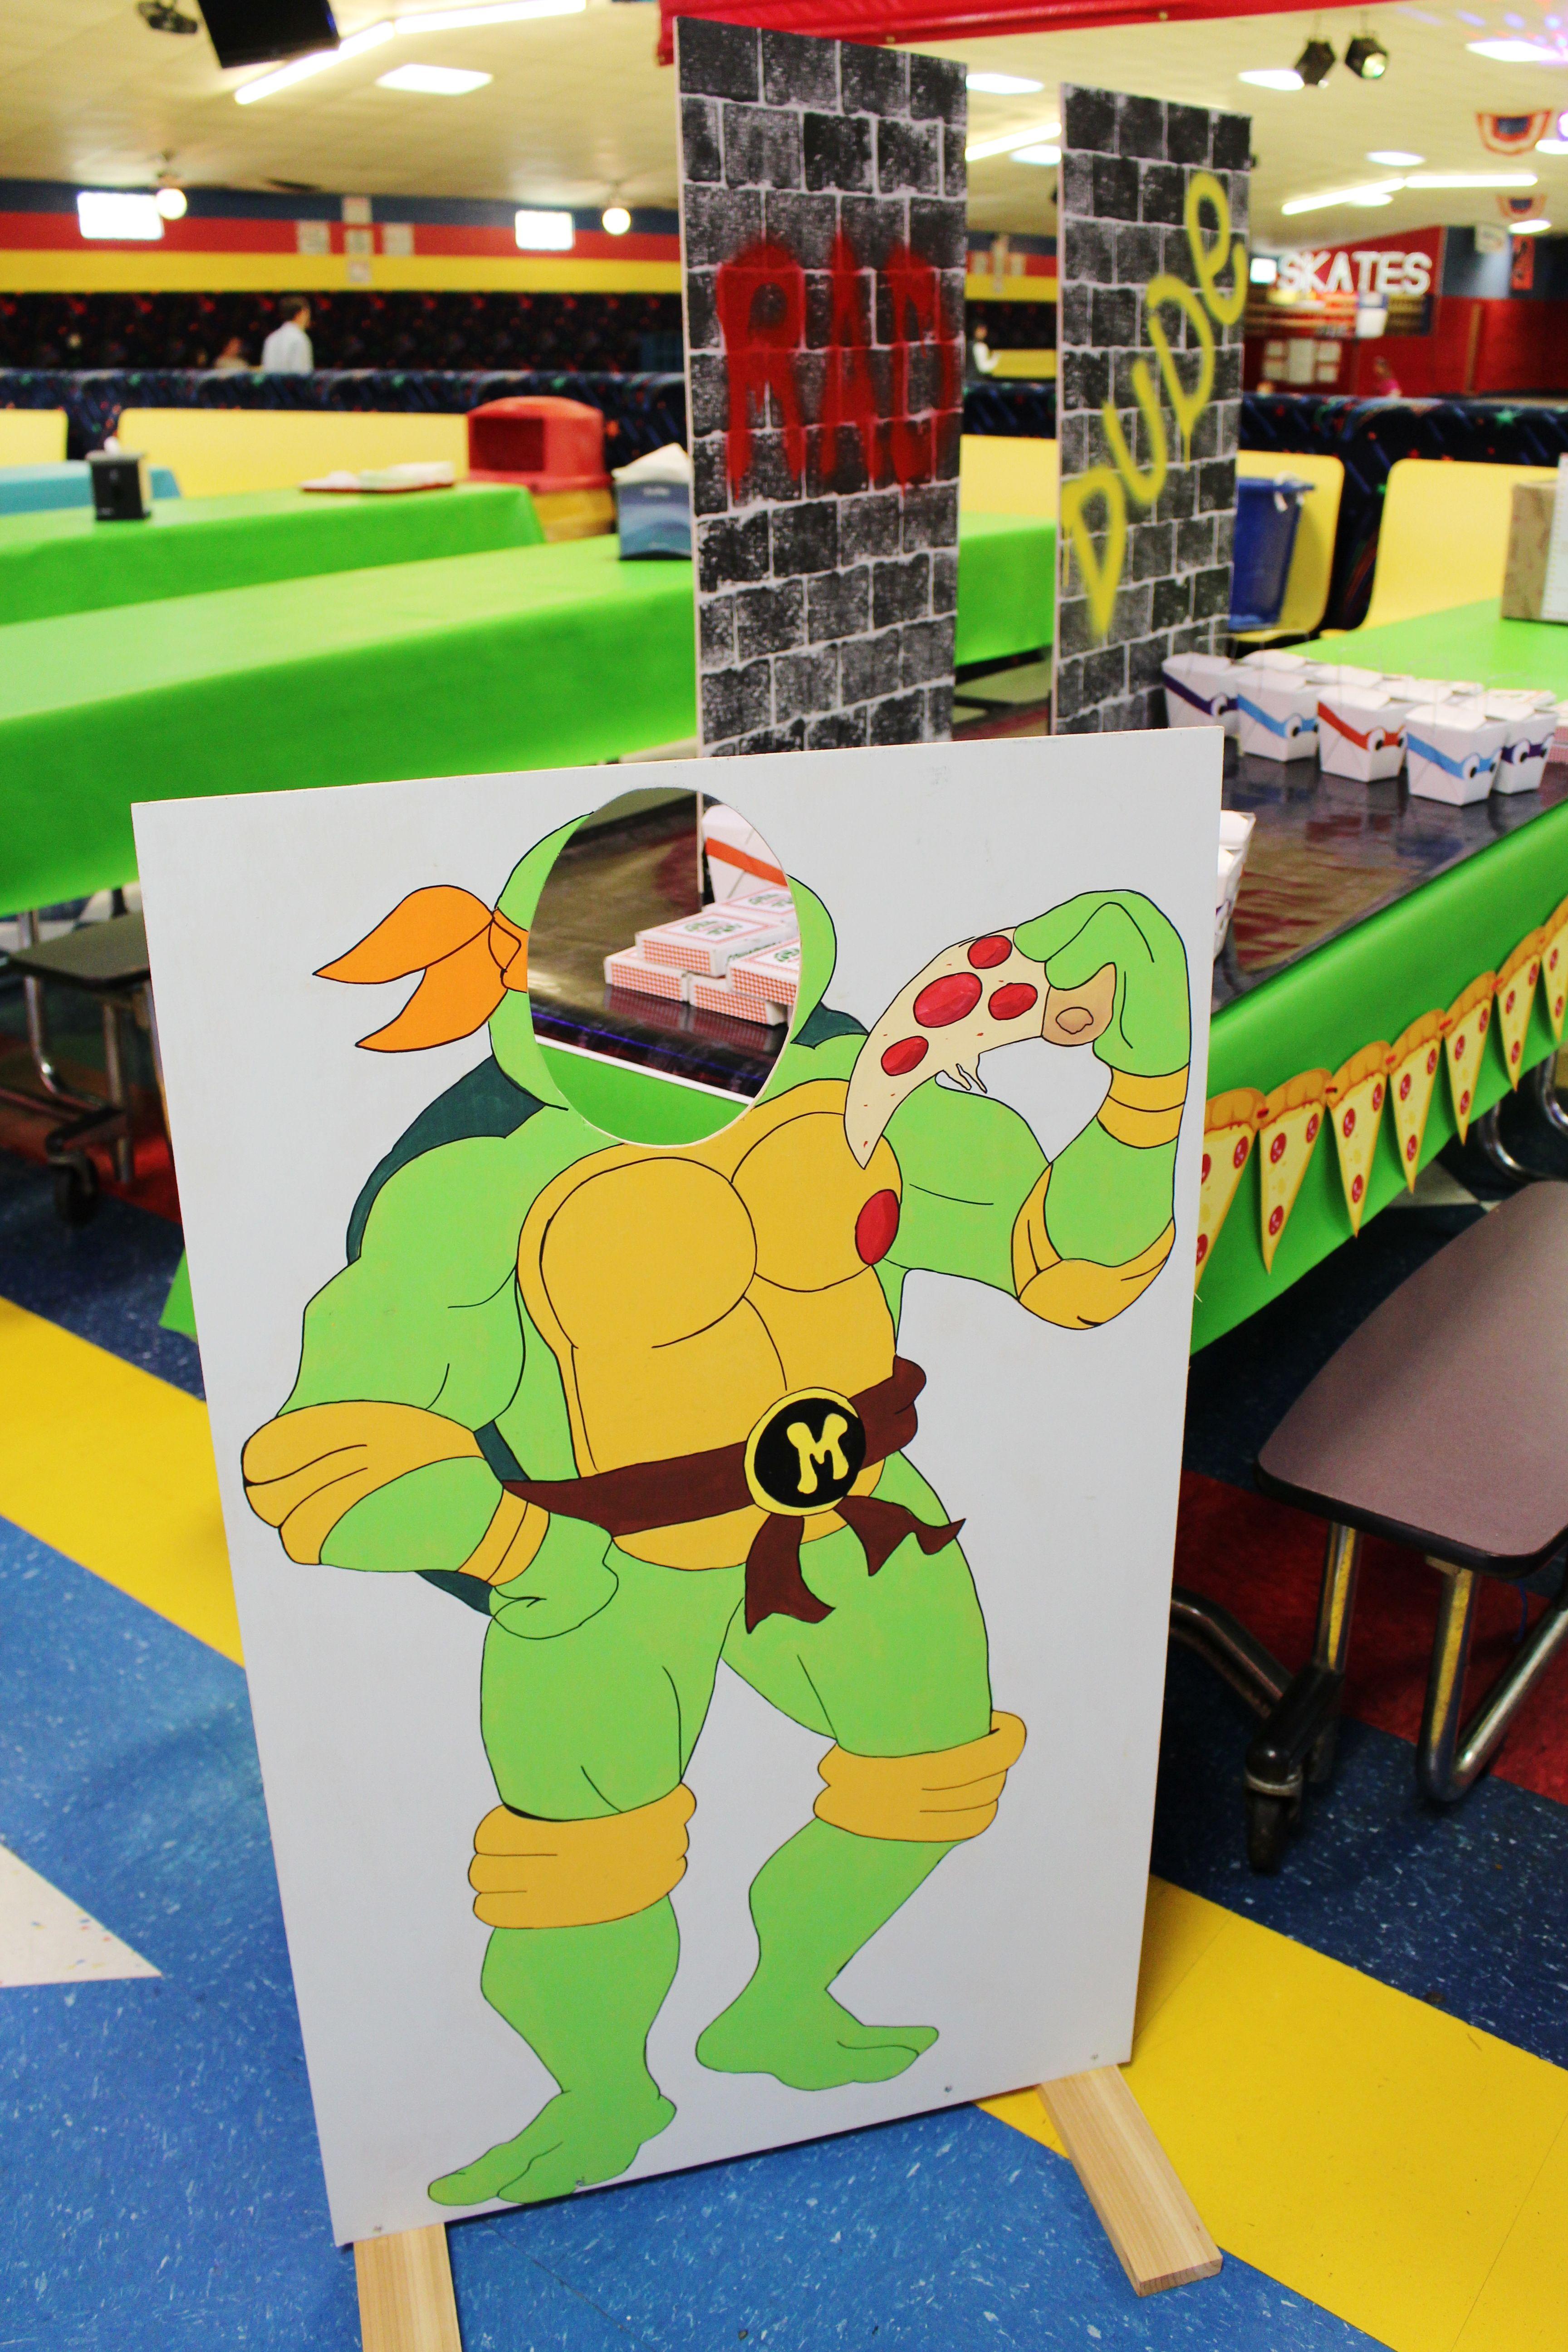 Teenage Mutant Ninja Turtle Party Ideas Tmnt Party Ideas Teenage Mutant Ninja Turt Ninja Turtles Birthday Party Ninja Turtle Birthday Turtle Birthday Parties